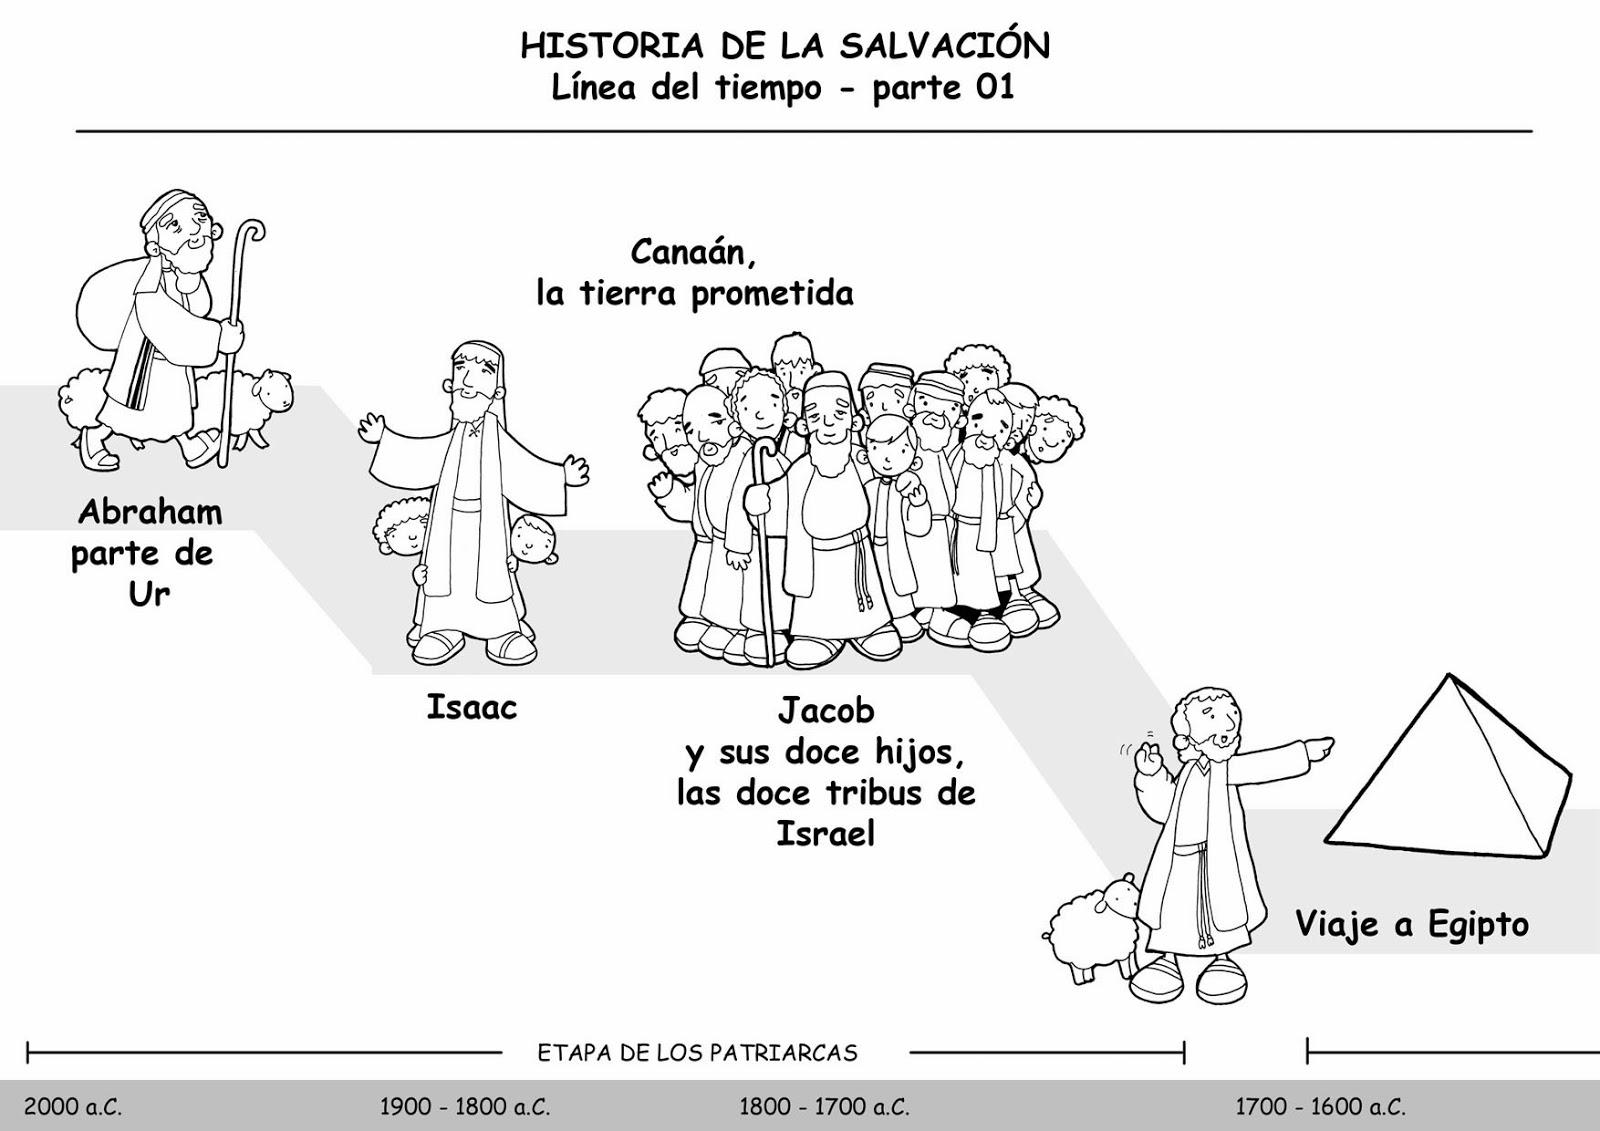 LA HISTORIA DE LA SALVACIÓN - Línea del tiempo, PARTE 1 | gloriawandrous